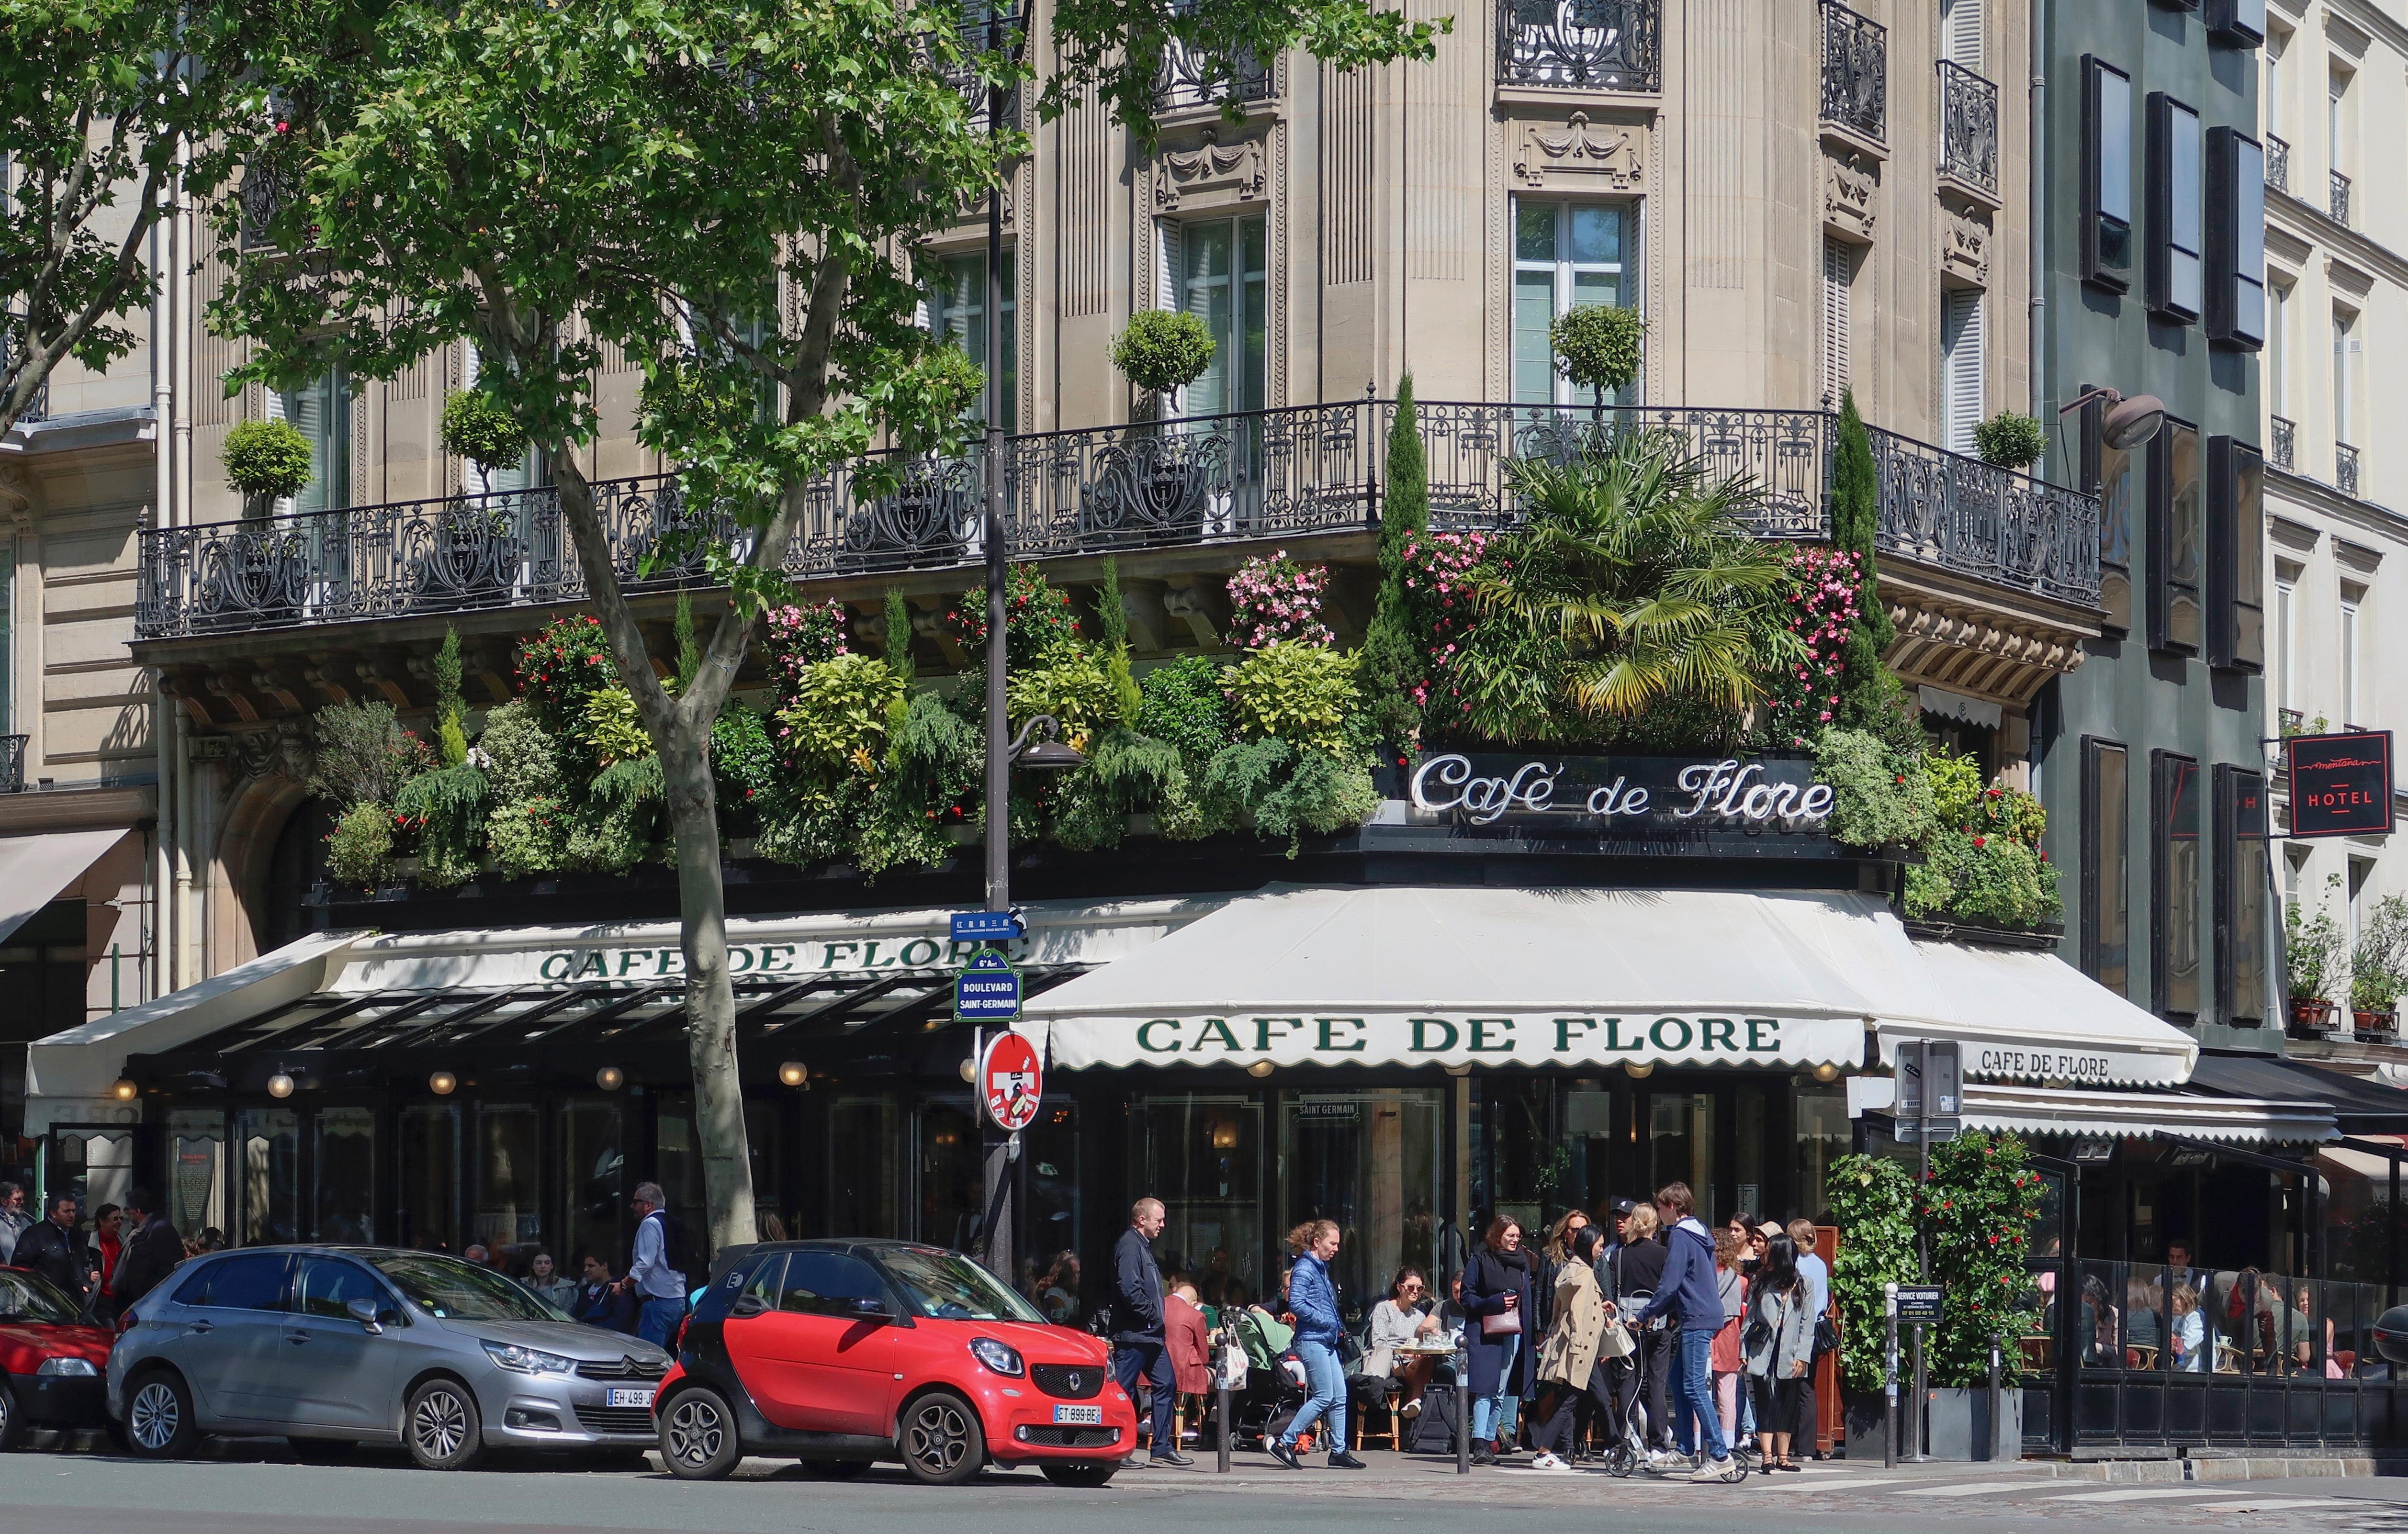 Cafe De Flore Wikipedia